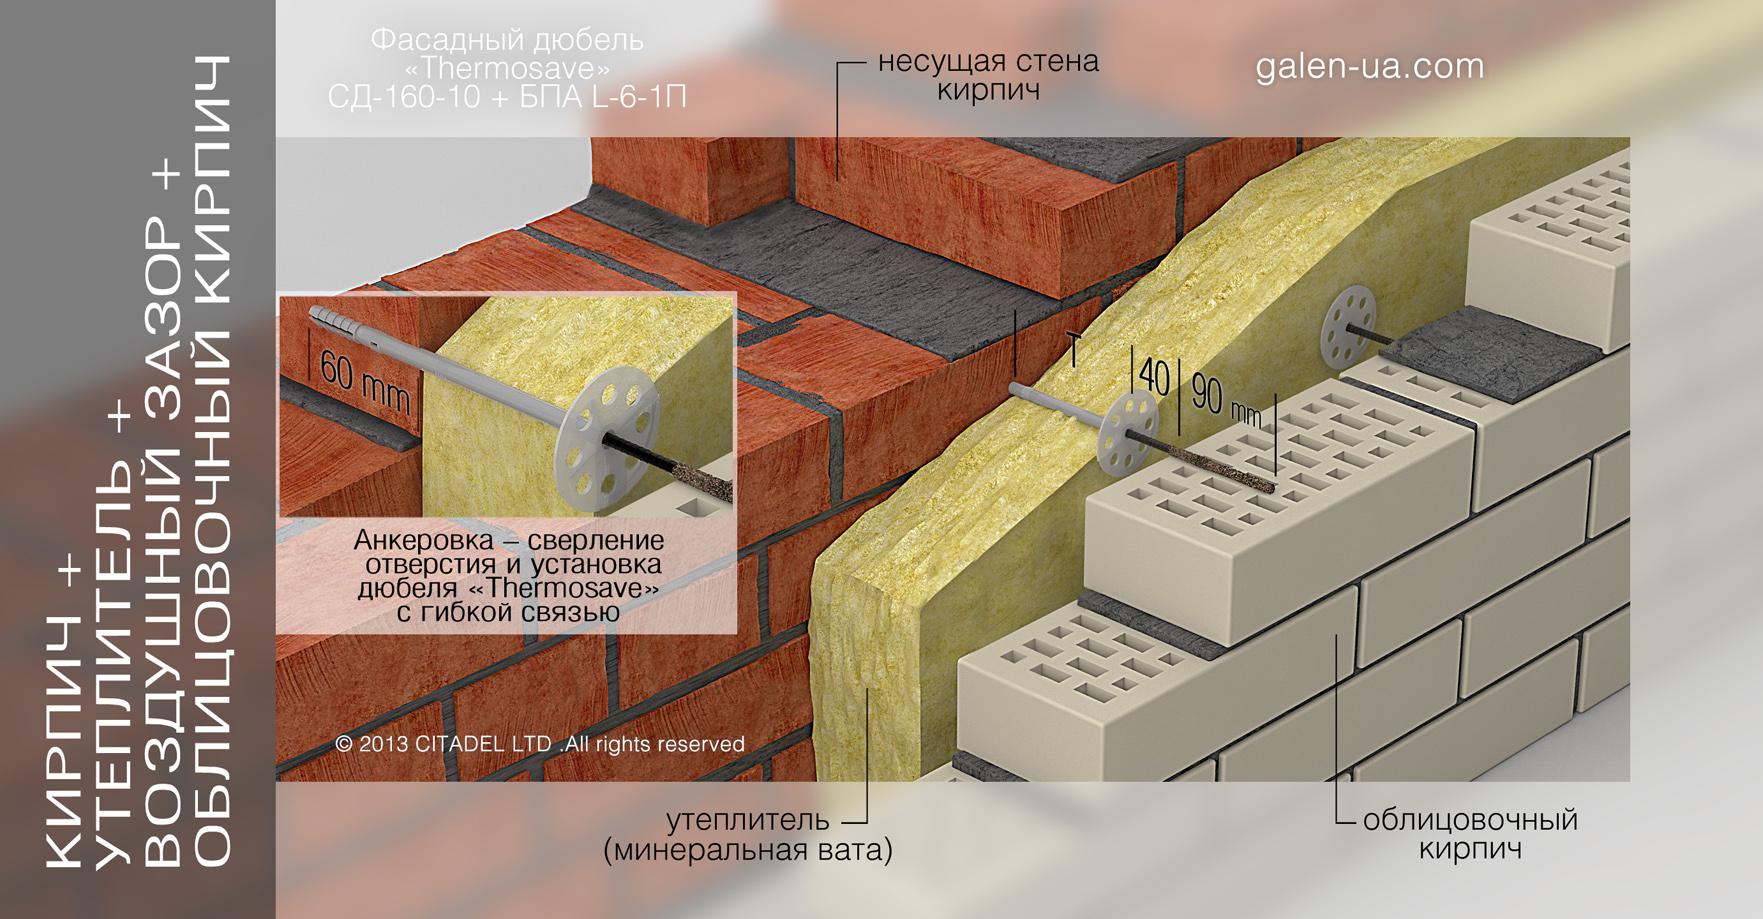 slide_06_Galen-sd-160-10_bpa-l-6-2p_